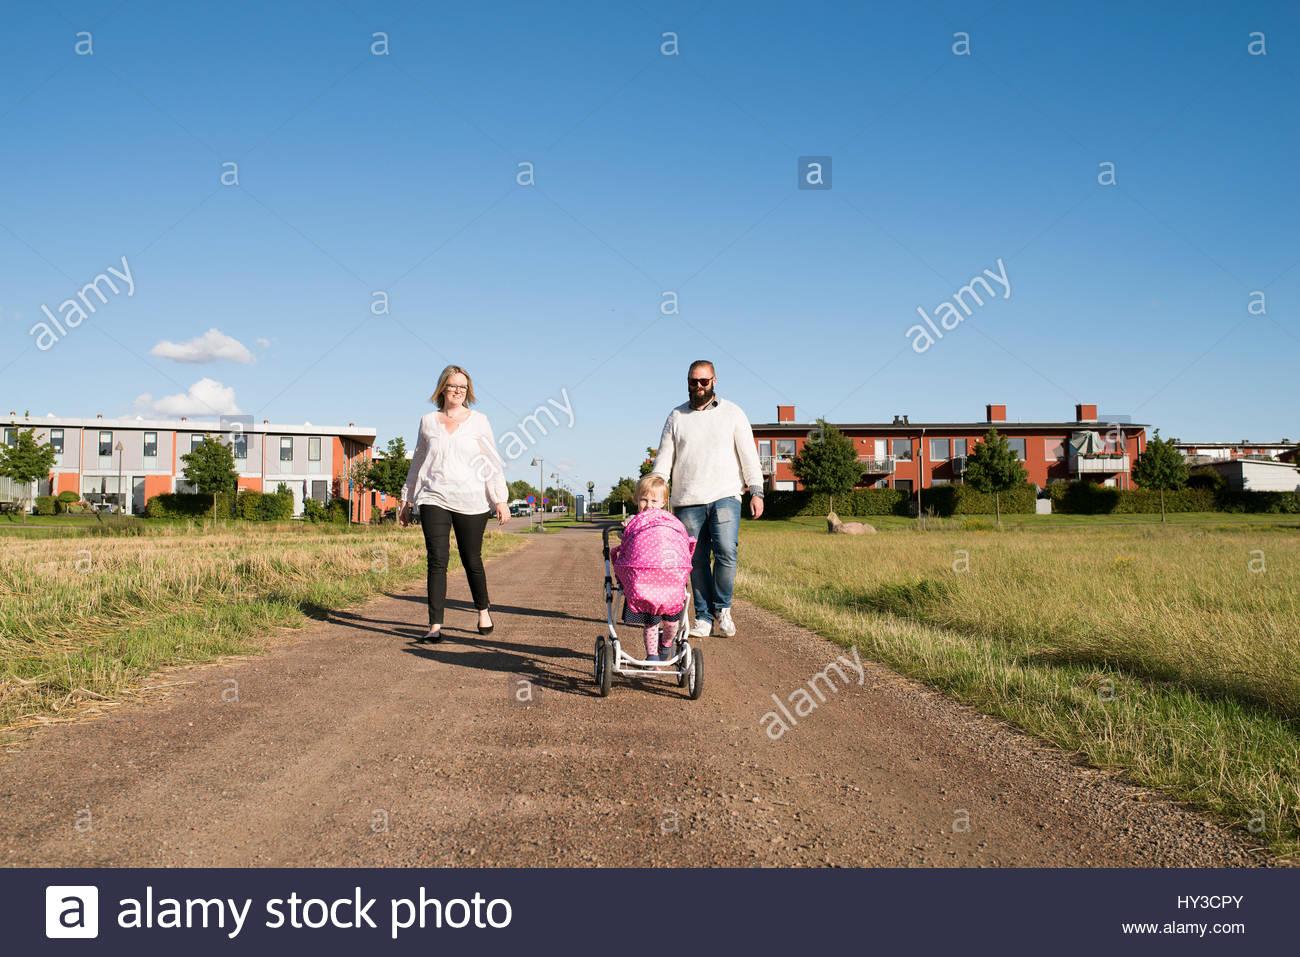 La Svezia, genitori e figlia (2-3) passeggiate in ambiente rurale Immagini Stock